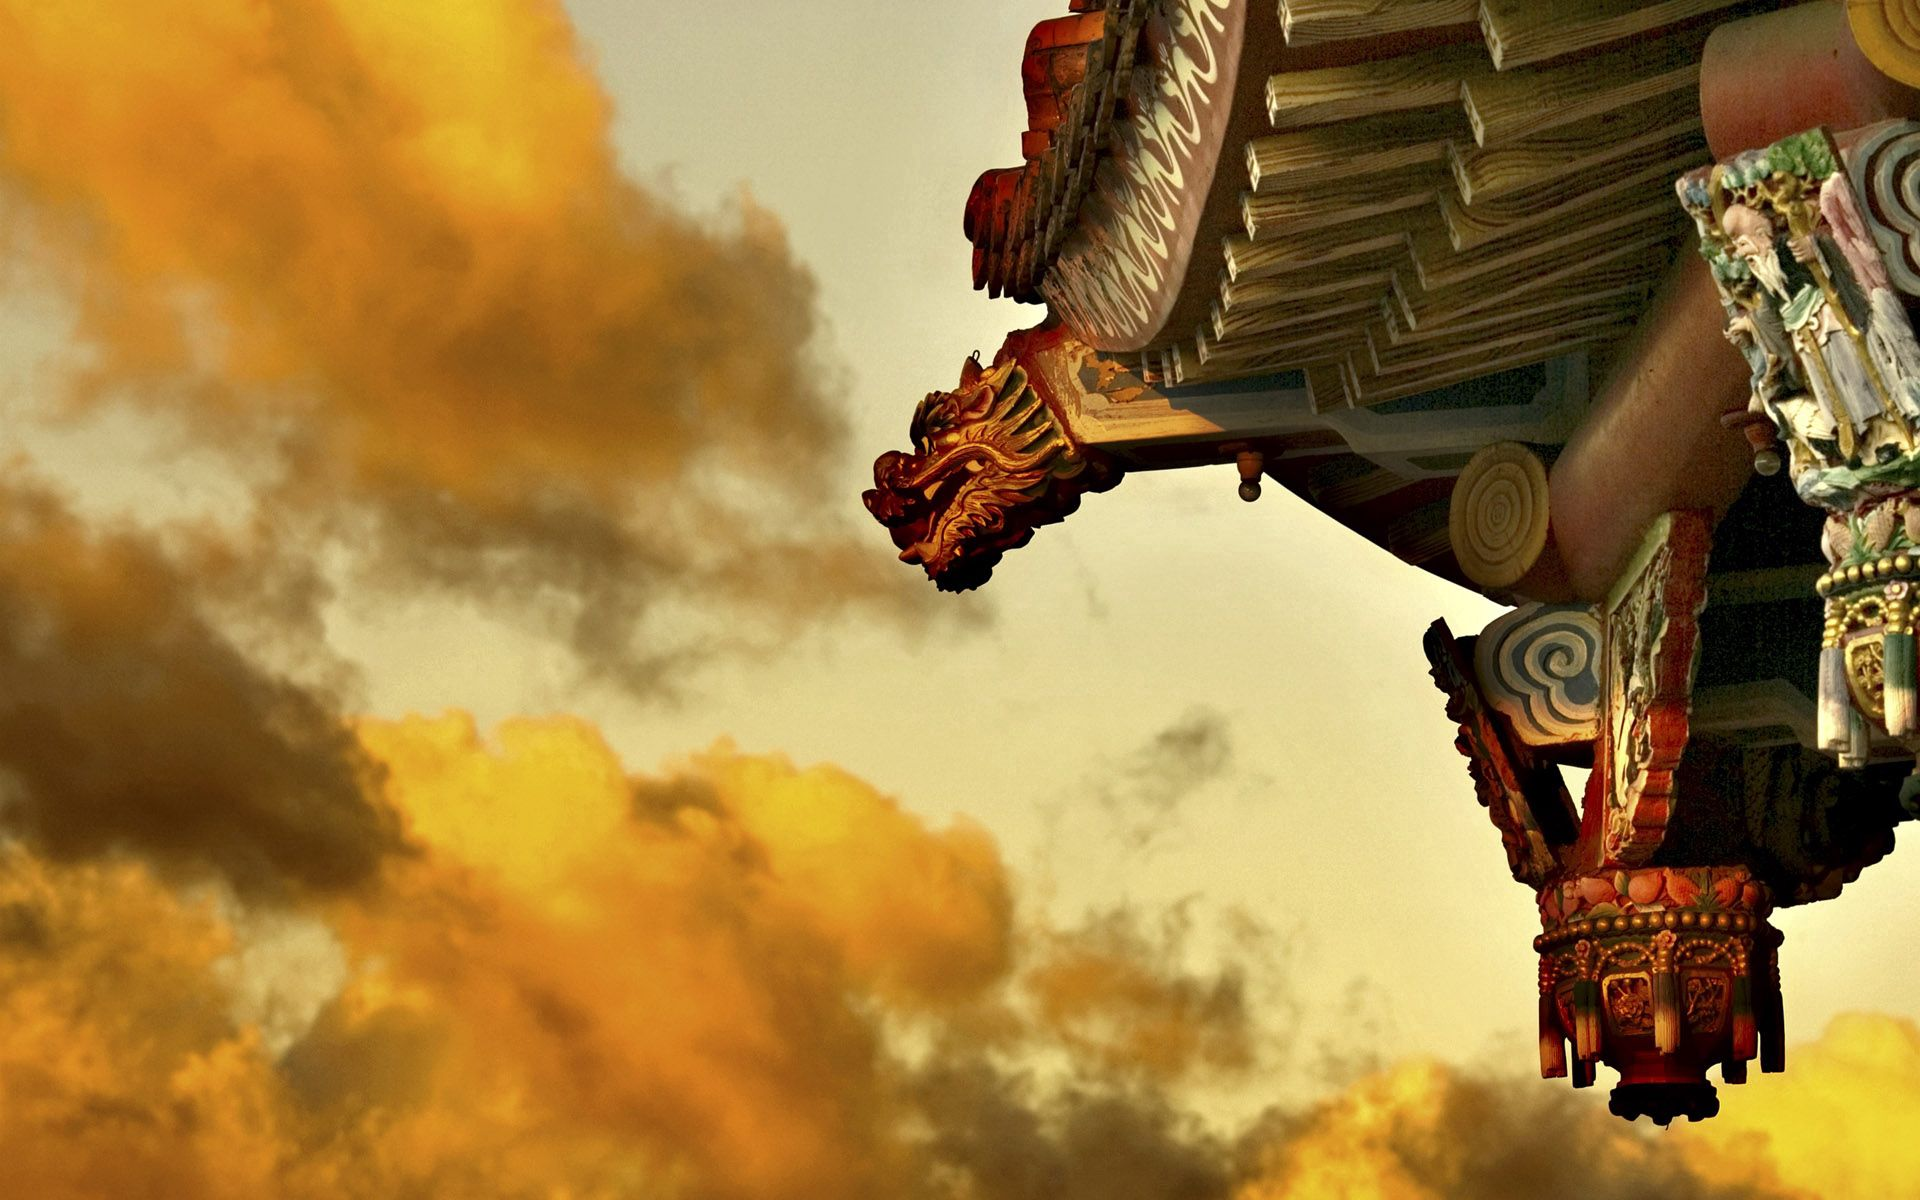 105275 скачать обои Разное, Крыша, Китая, Небо, Облака - заставки и картинки бесплатно